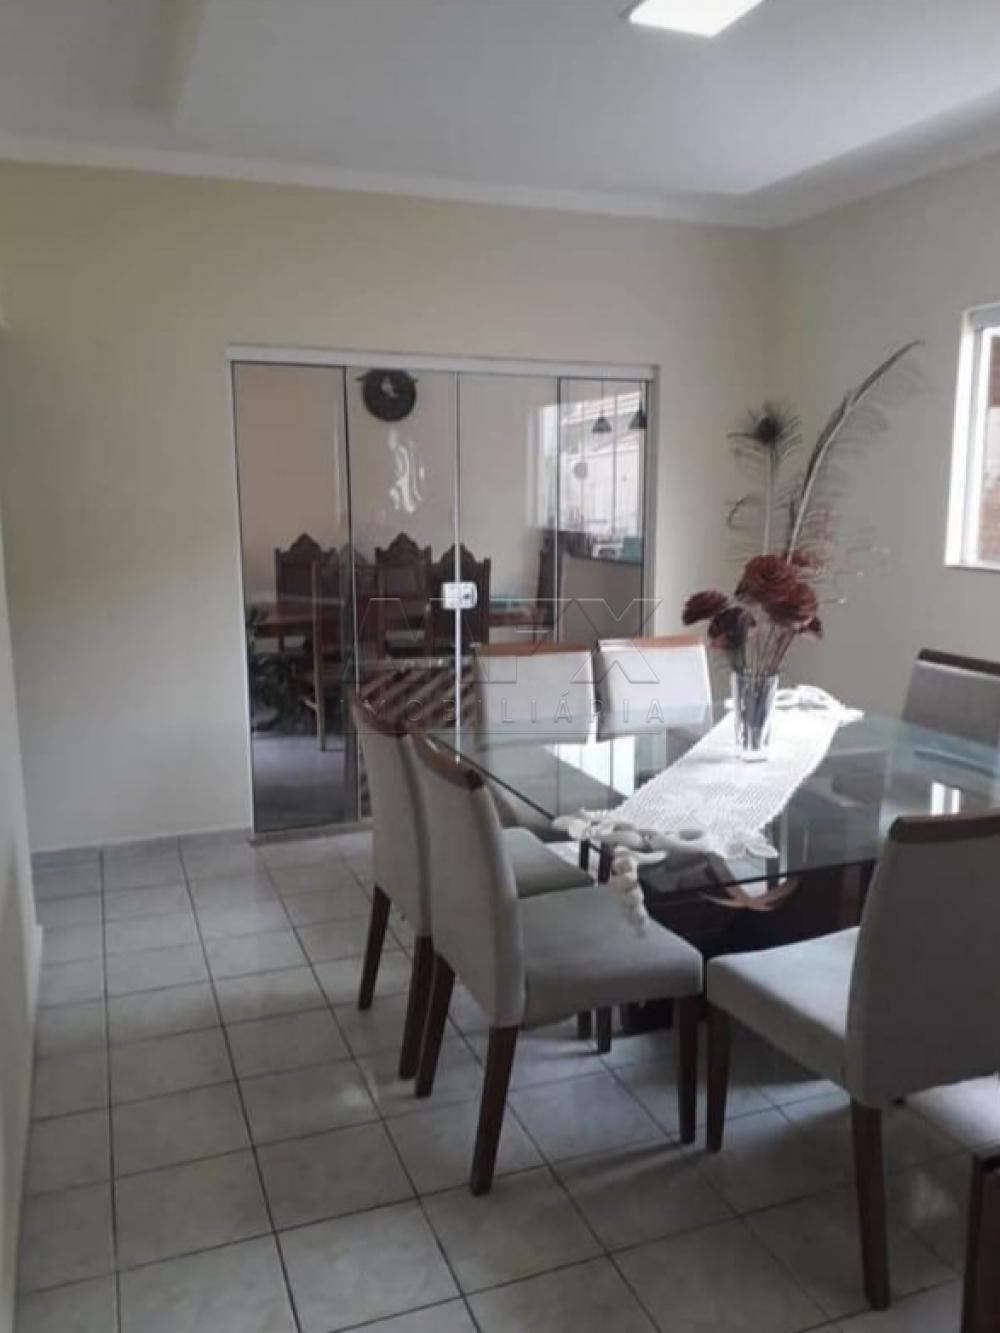 Comprar Casa / Padrão em Bauru apenas R$ 350.000,00 - Foto 4